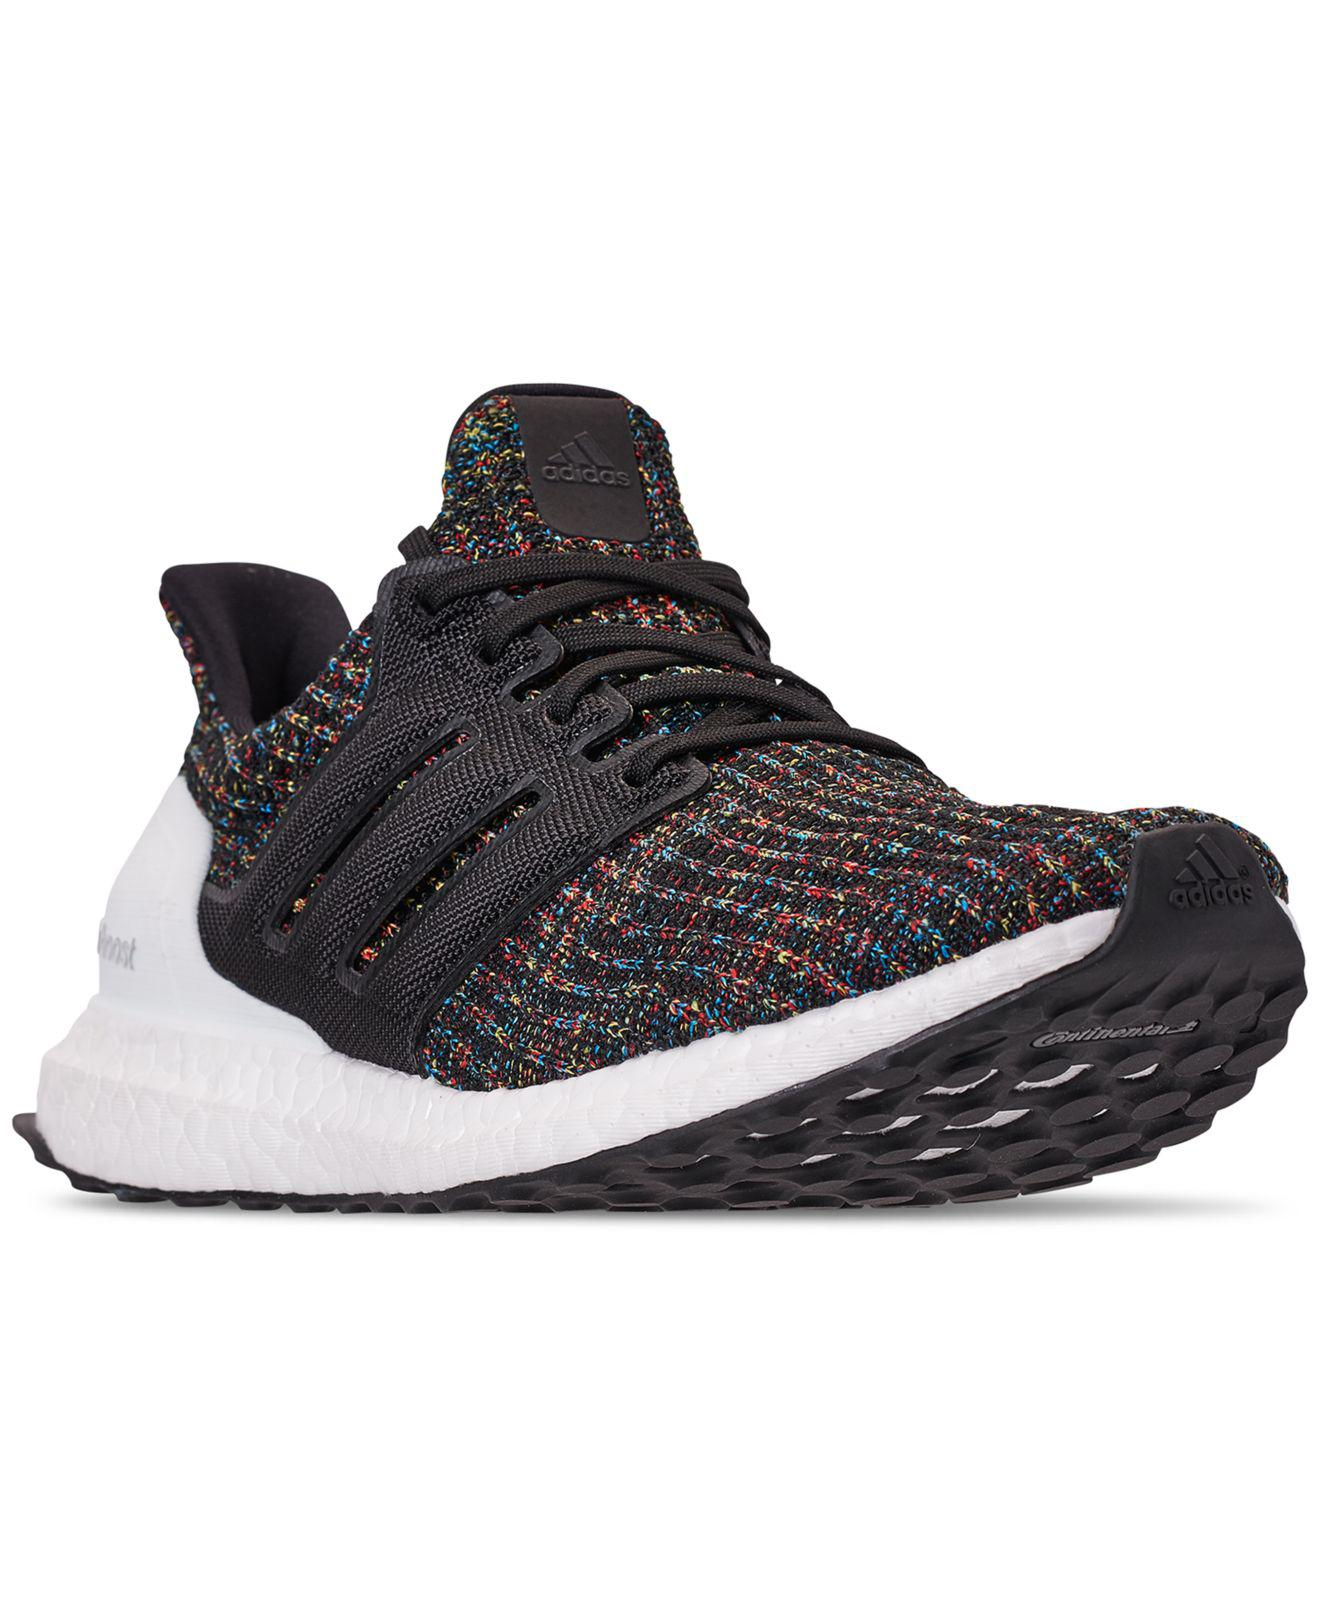 Lyst - adidas Men s Ultraboost Knit Low-top Sneakers in Black for Men b153d10e0ed2